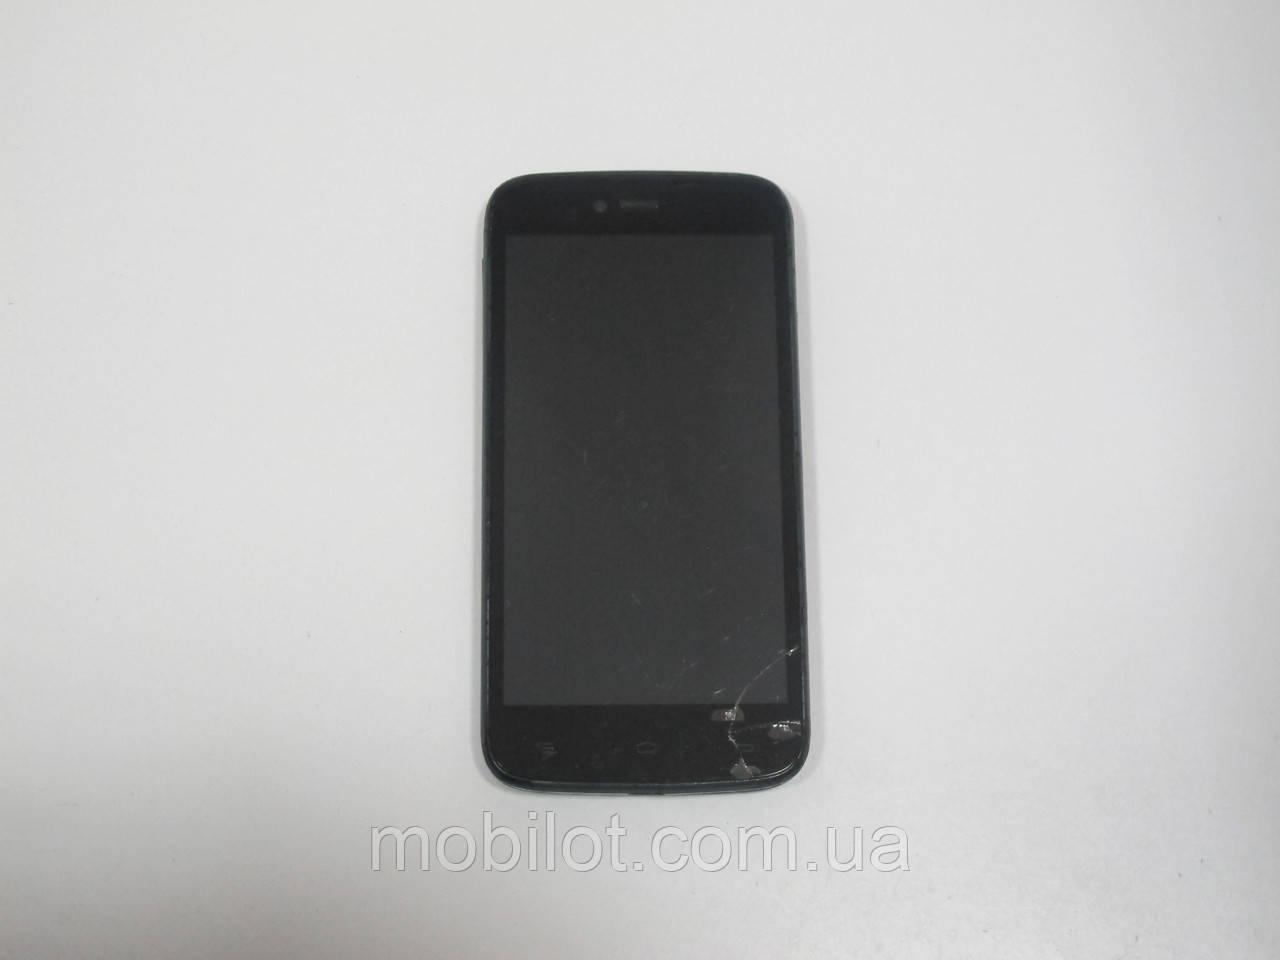 Мобильный телефон Fly IQ4411 (TZ-5552)